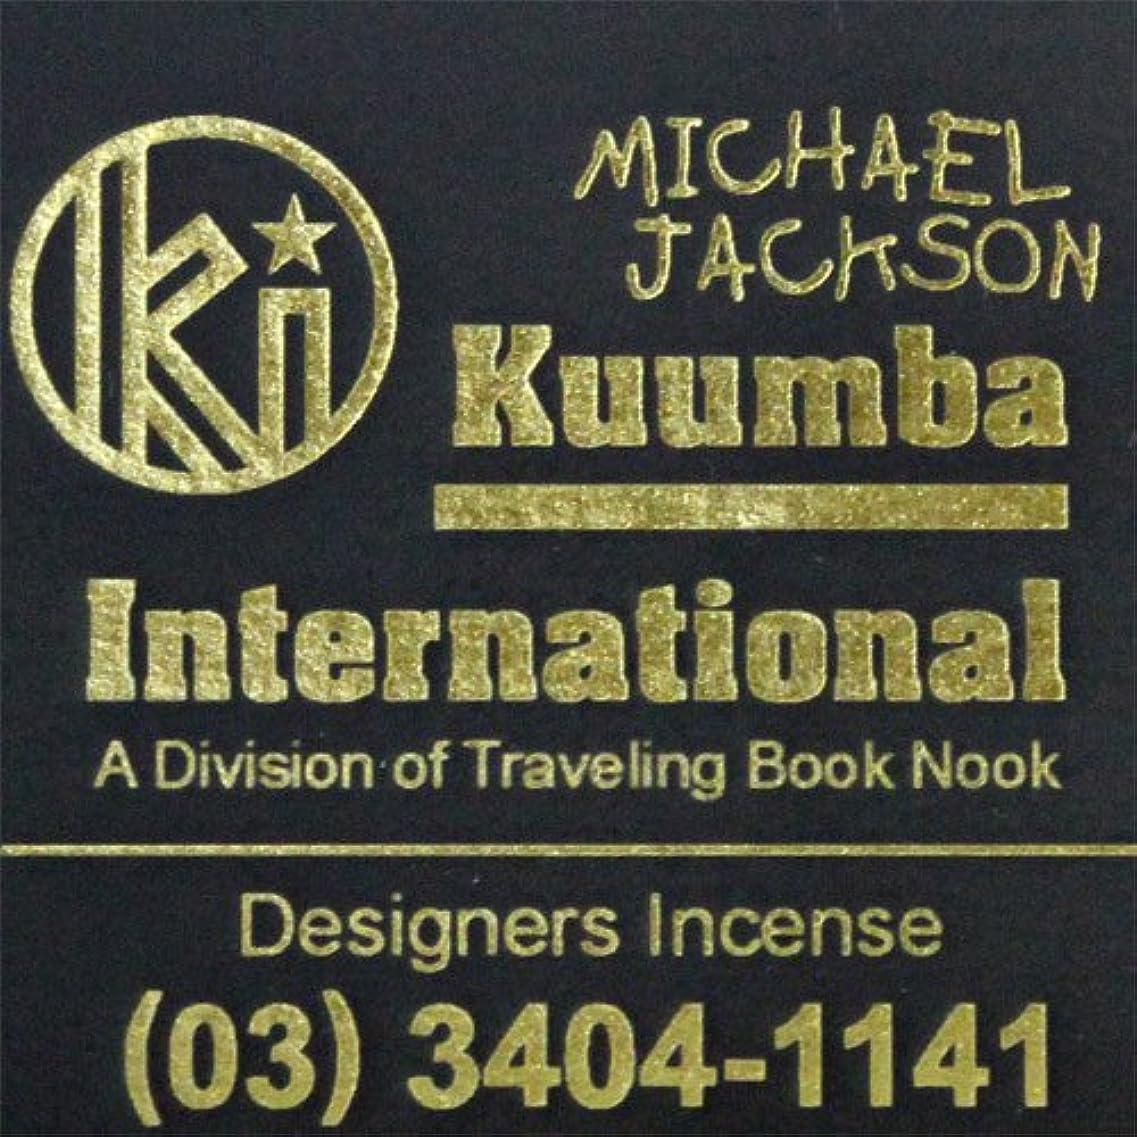 取り消すお気に入り加入(クンバ) KUUMBA『incense』(MICHAEL JACKSON) (Regular size)